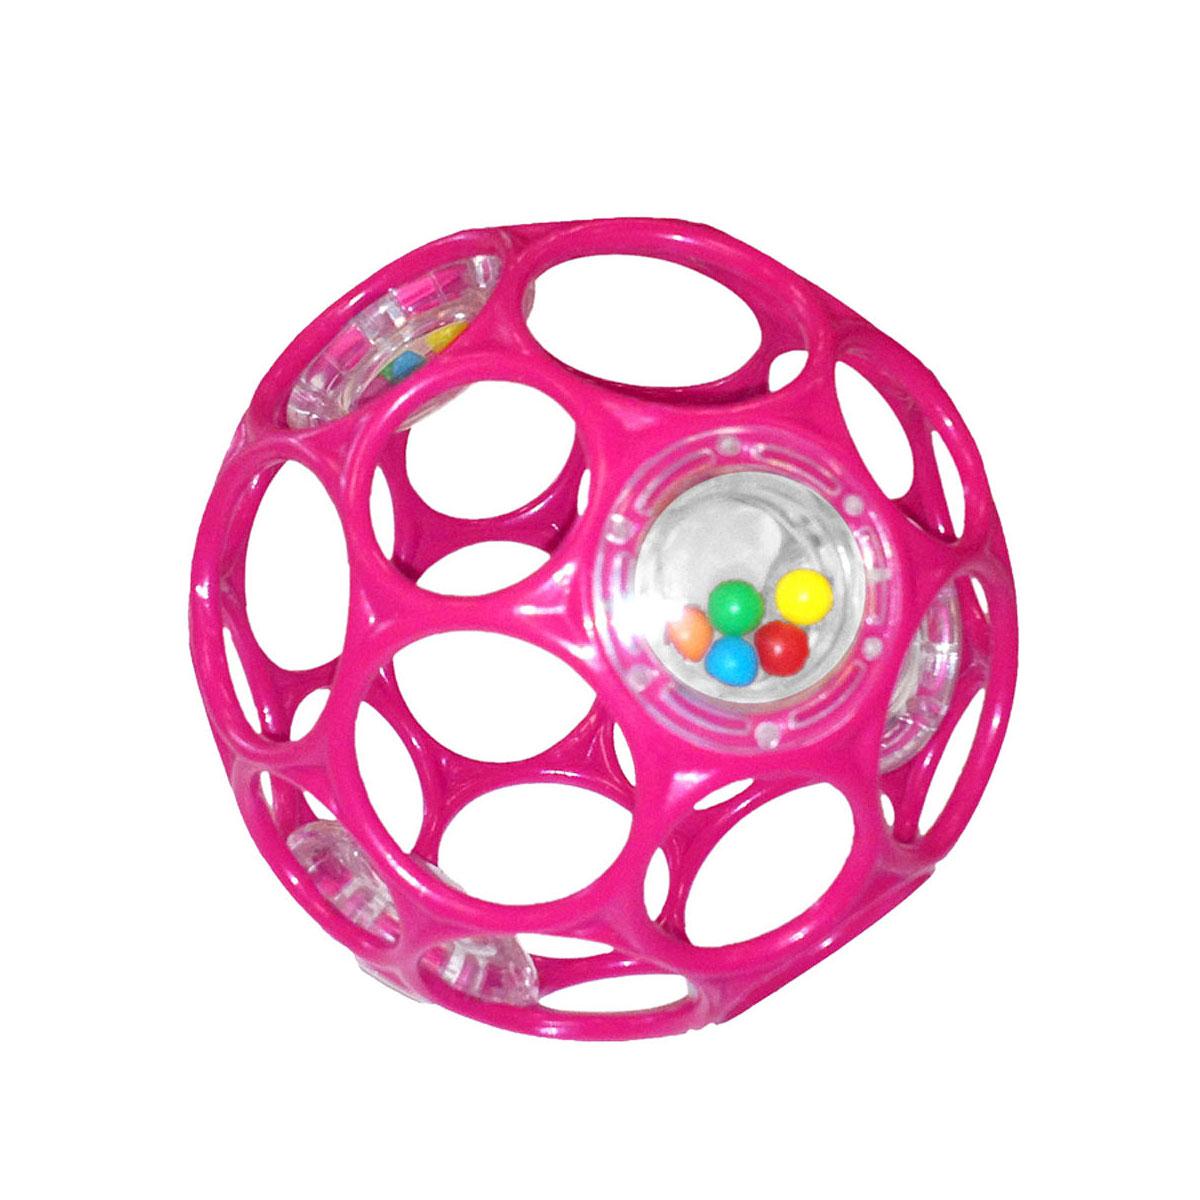 Развивающая игрушка Rhino Toys Мячик Гремящий Oball от 0 мес. в ассортименте<br>